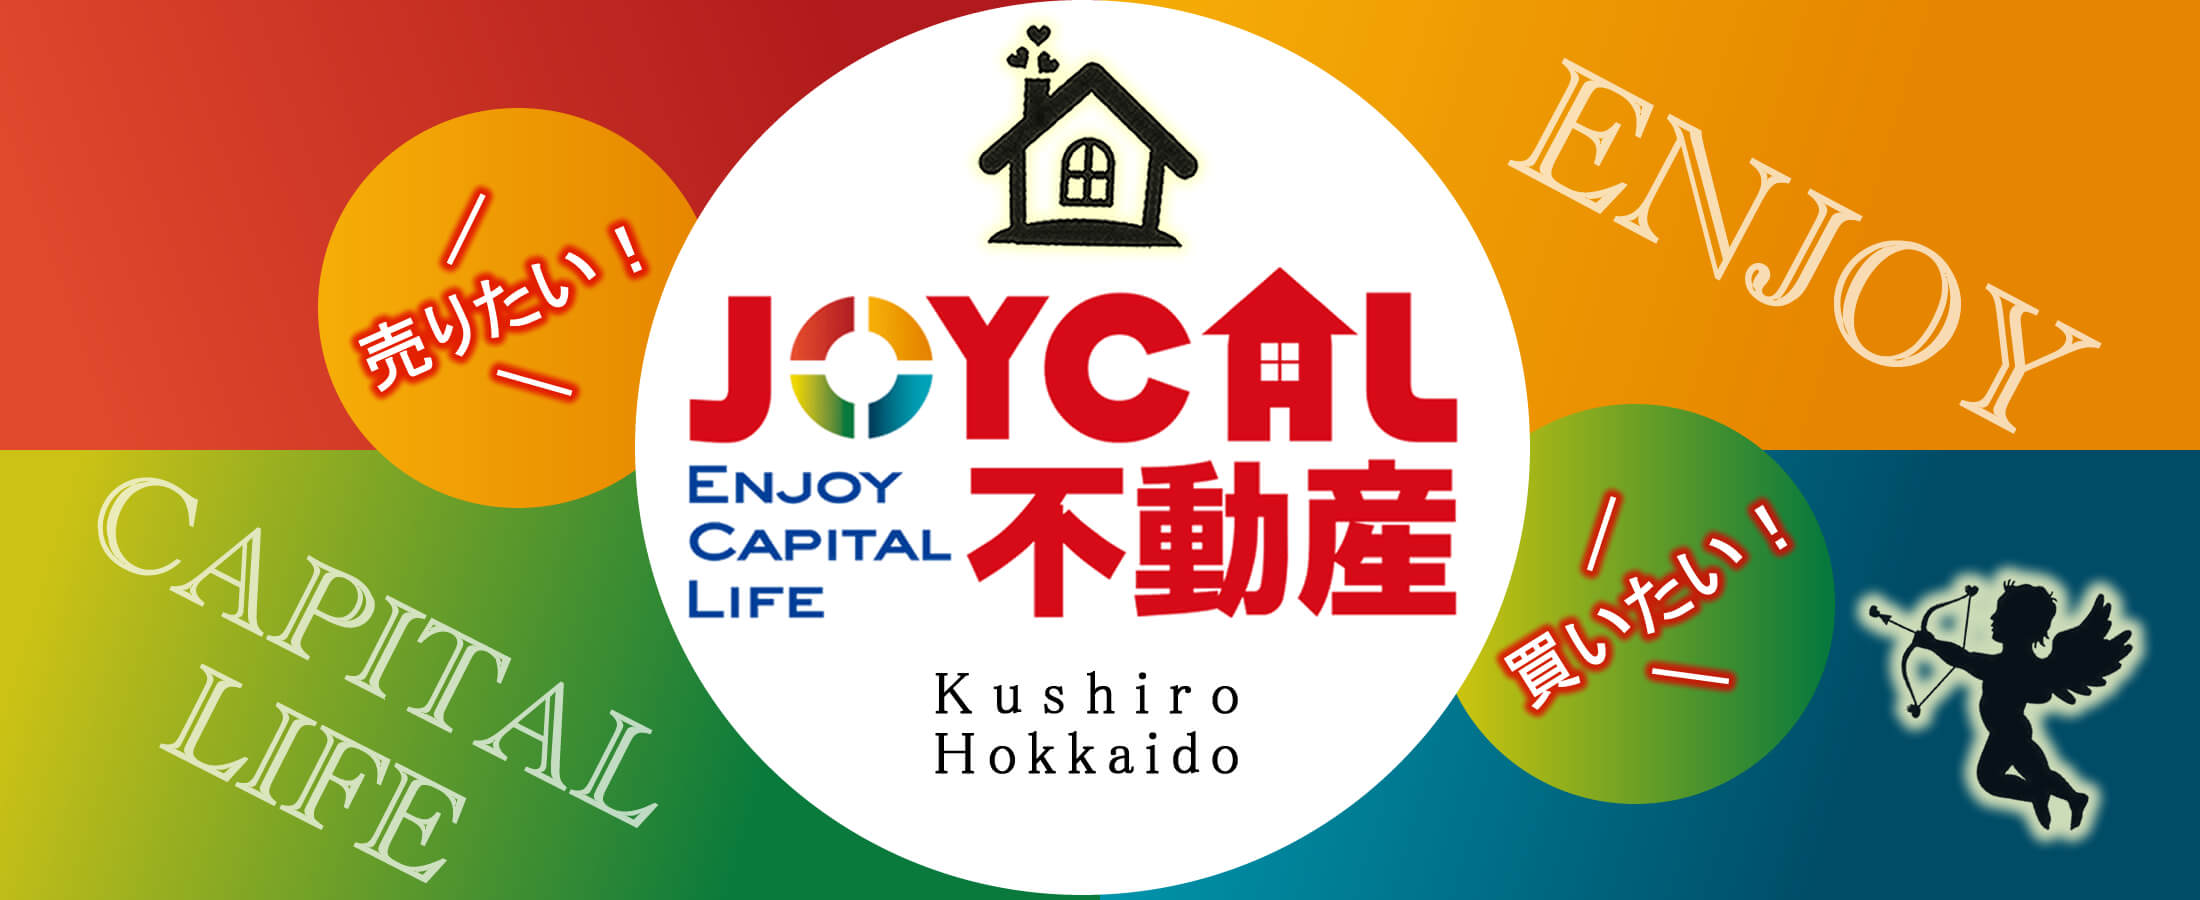 釧路「ジョイカル不動産」の公式ホームページです。